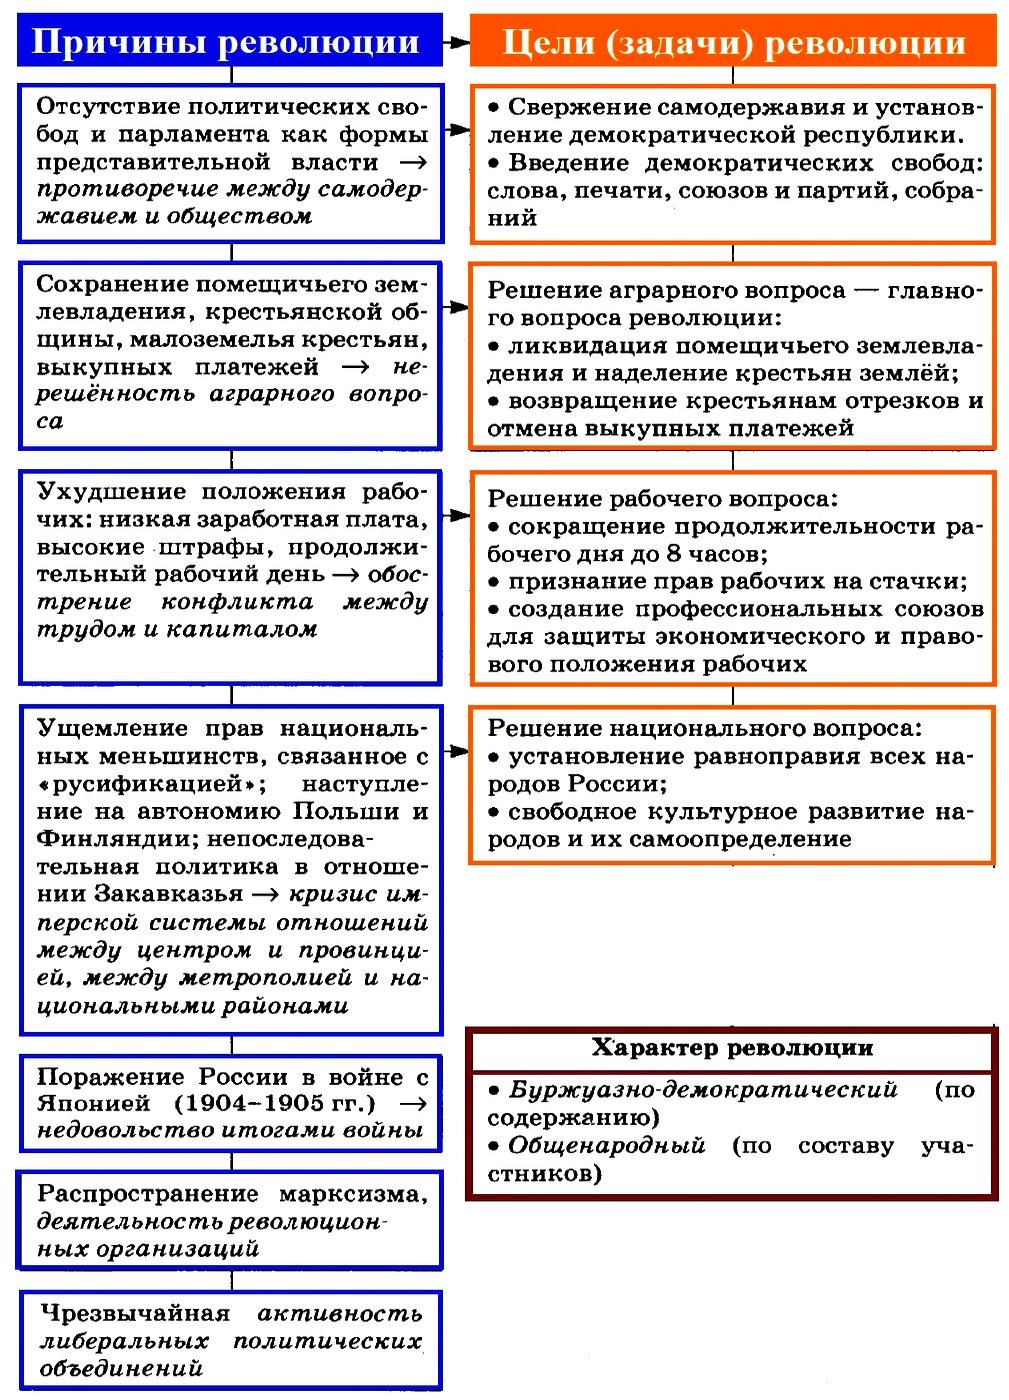 Первая русская революция 1905 1907 гг   причины, ход, итоги (1)